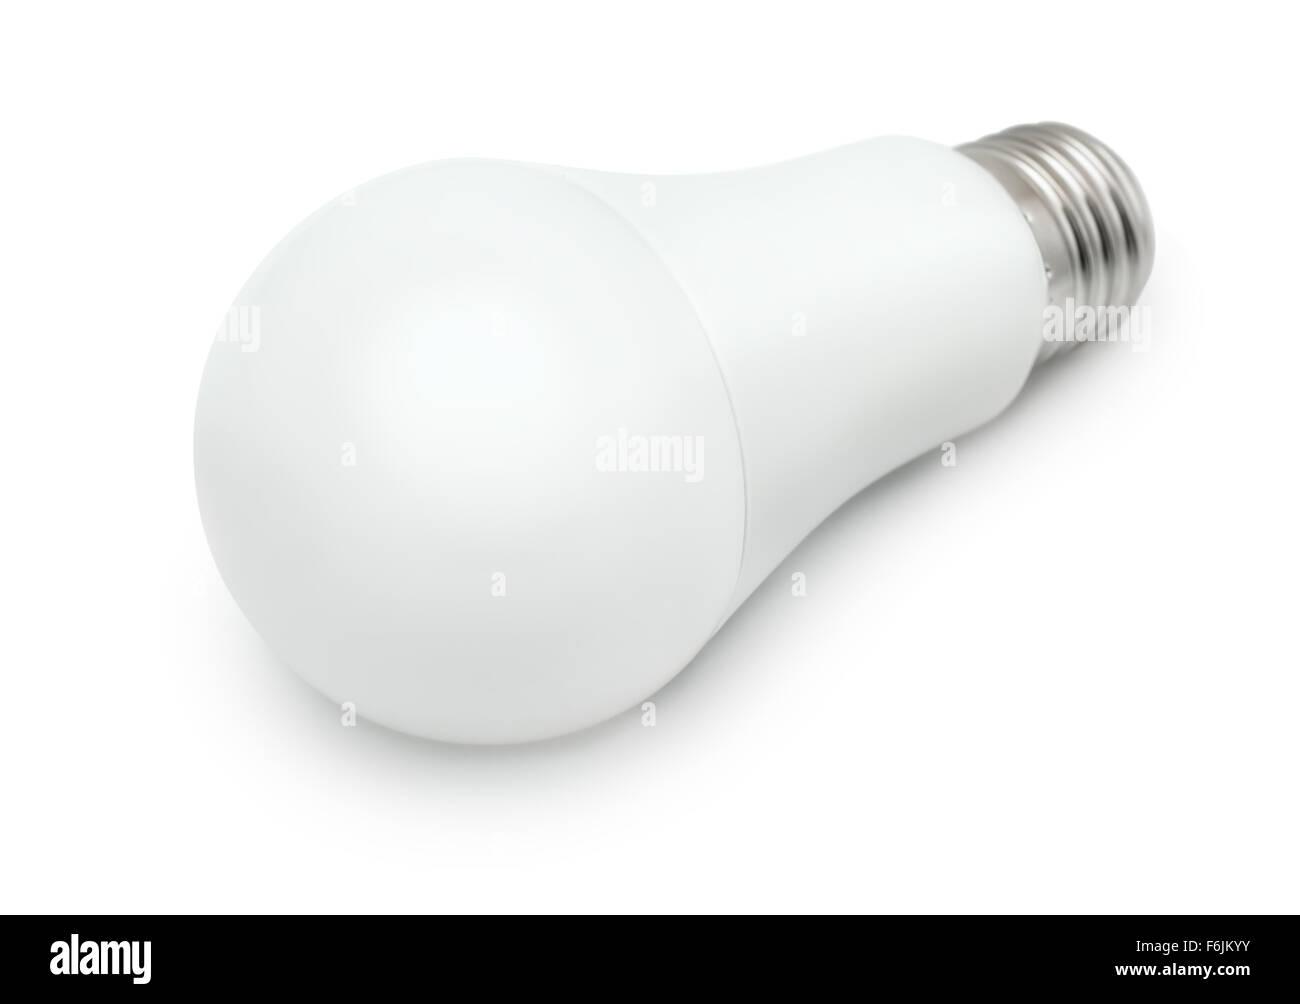 LED light bulb isolated on white - Stock Image